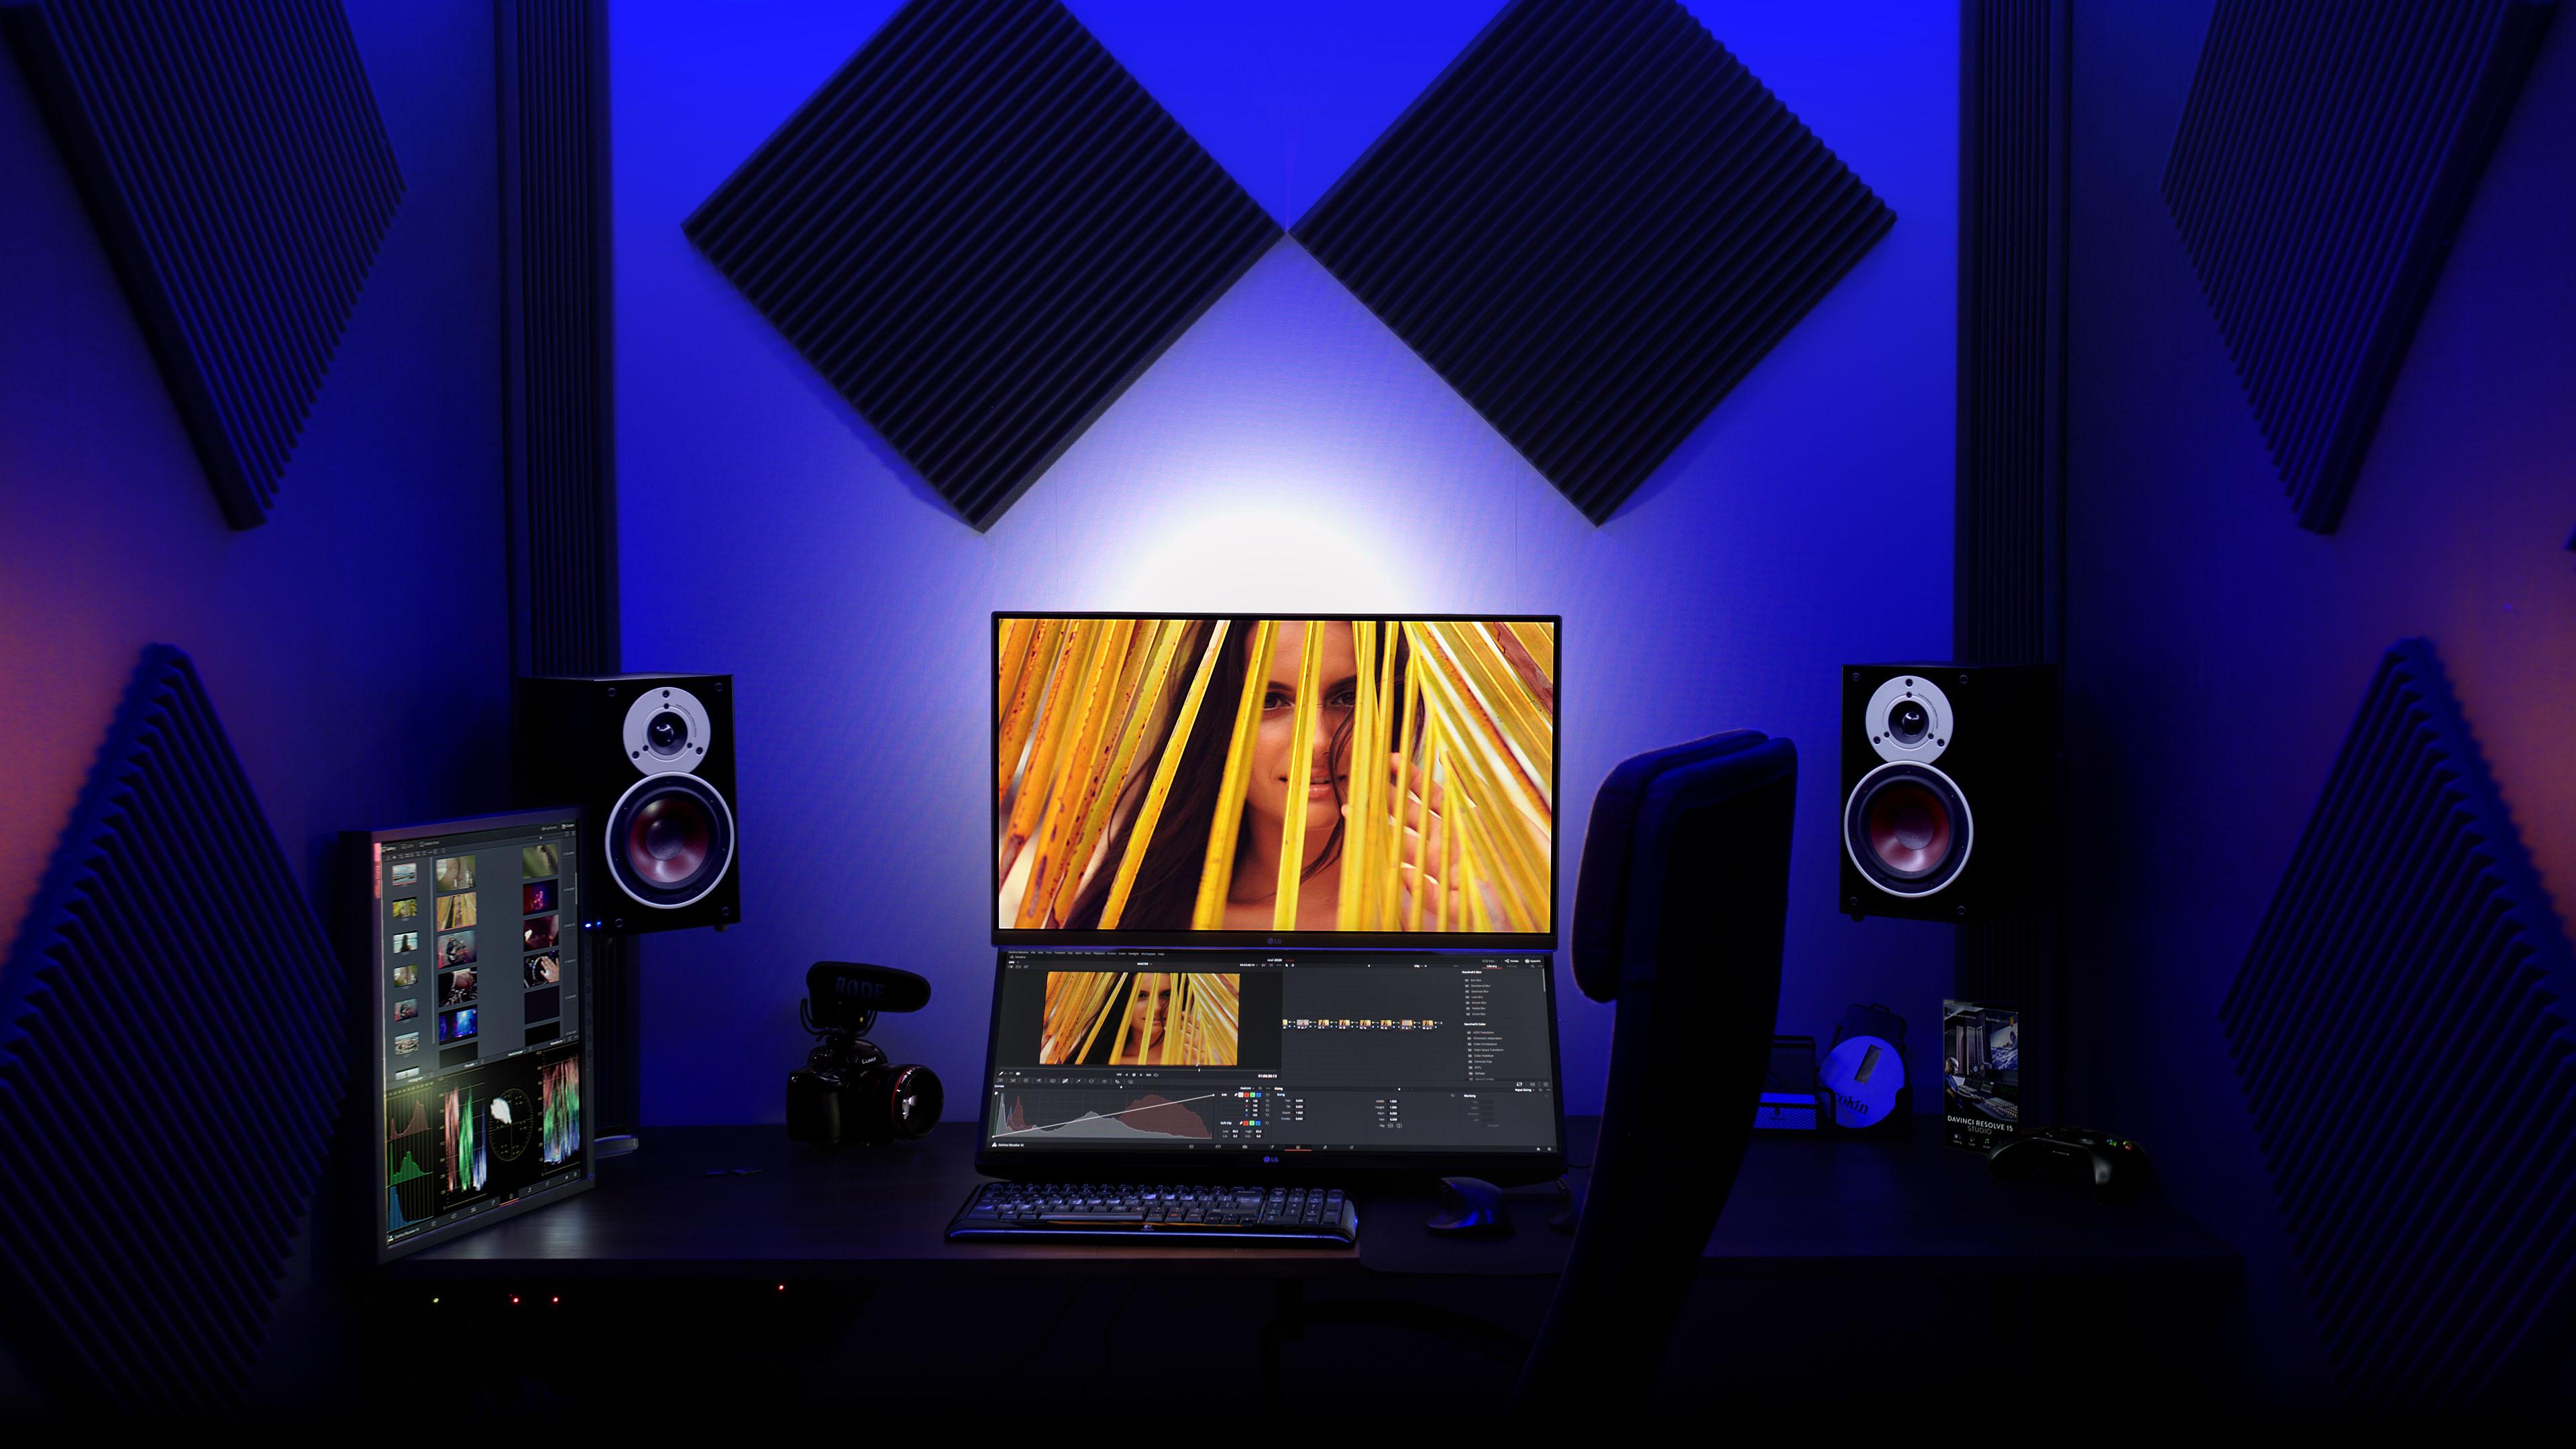 pomieszczenie w którym edytujemy nakręcone filmy w naszej agencji kreatywnej